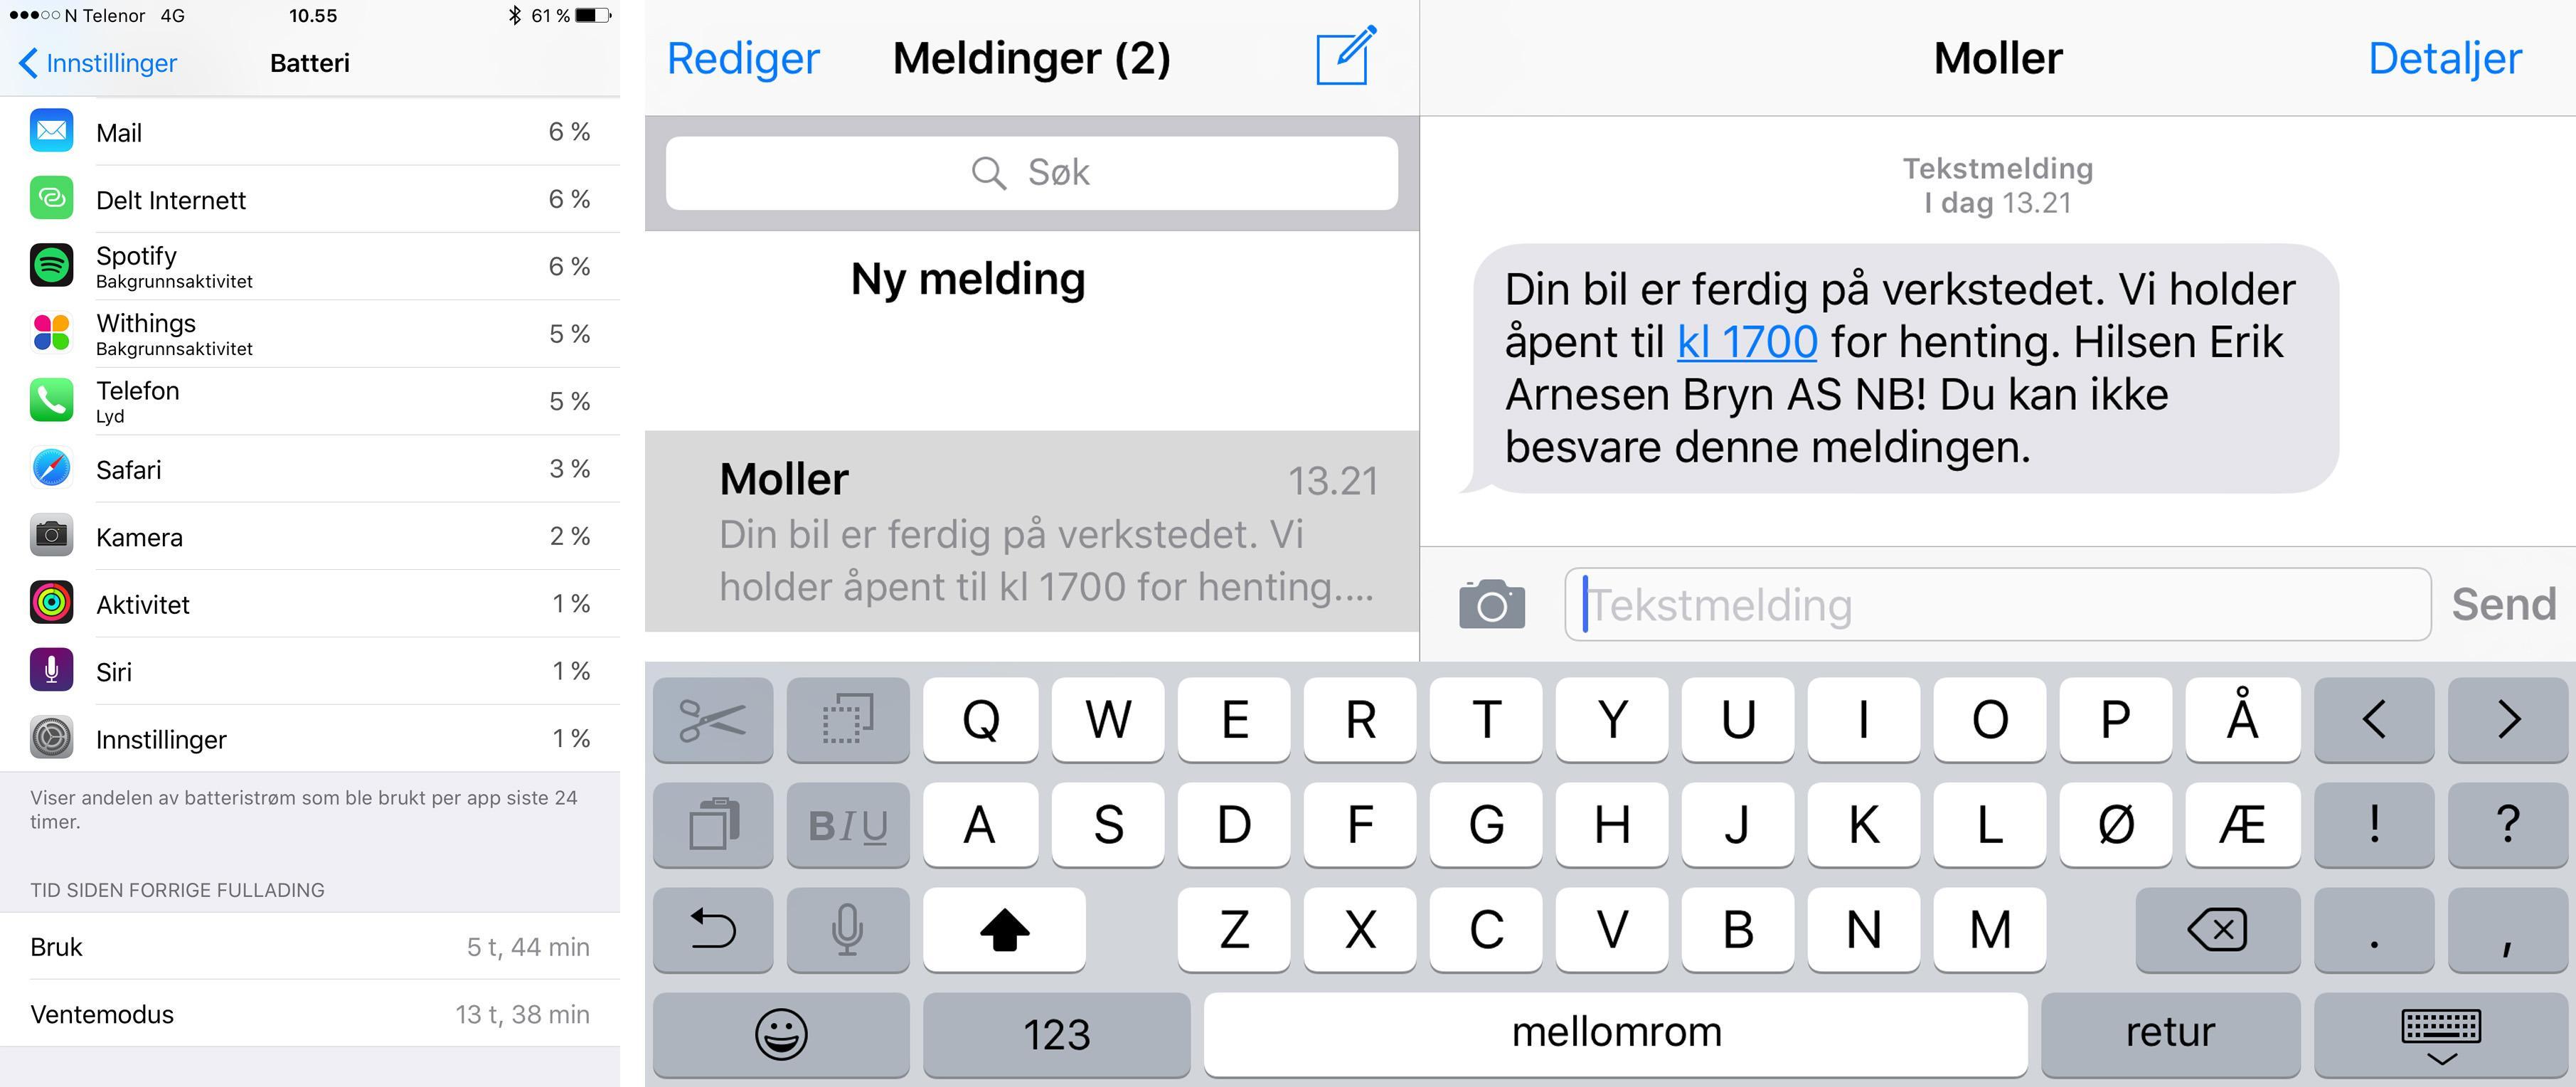 Ved siden av den vesentlig større skjermen er batteritiden den viktigste fordelen ved å gå for iPhone 6S Plus over den vanlige modellen. Ellers er de fleste endringene ganske små, som et liggende tastatur med litt flere valg. Foto: Finn Jarle Kvalheim, Tek.no